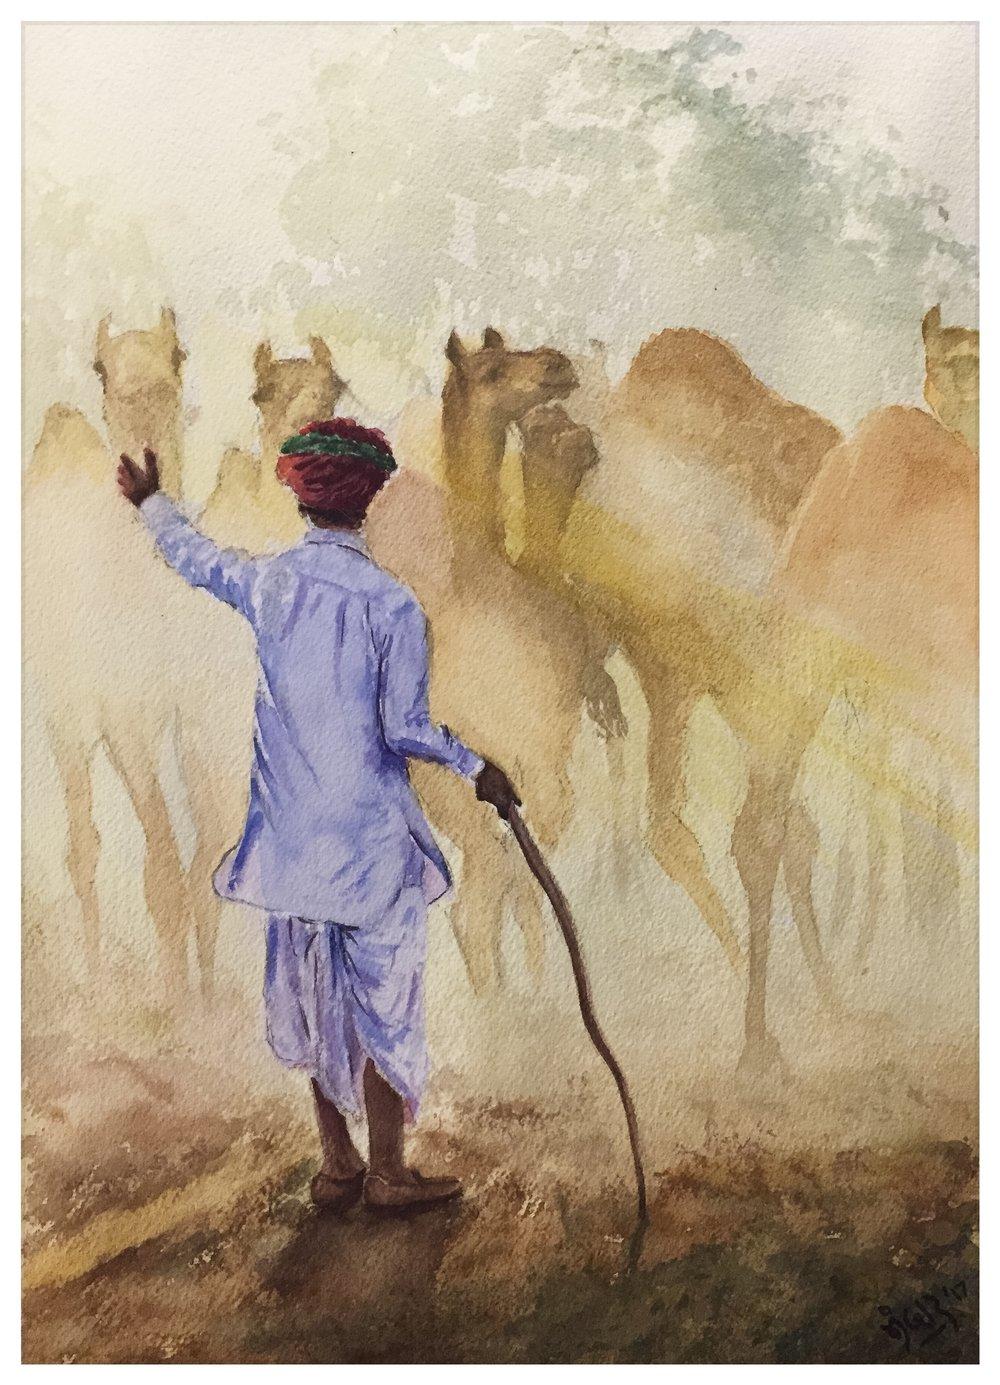 Charwaha (Herder)